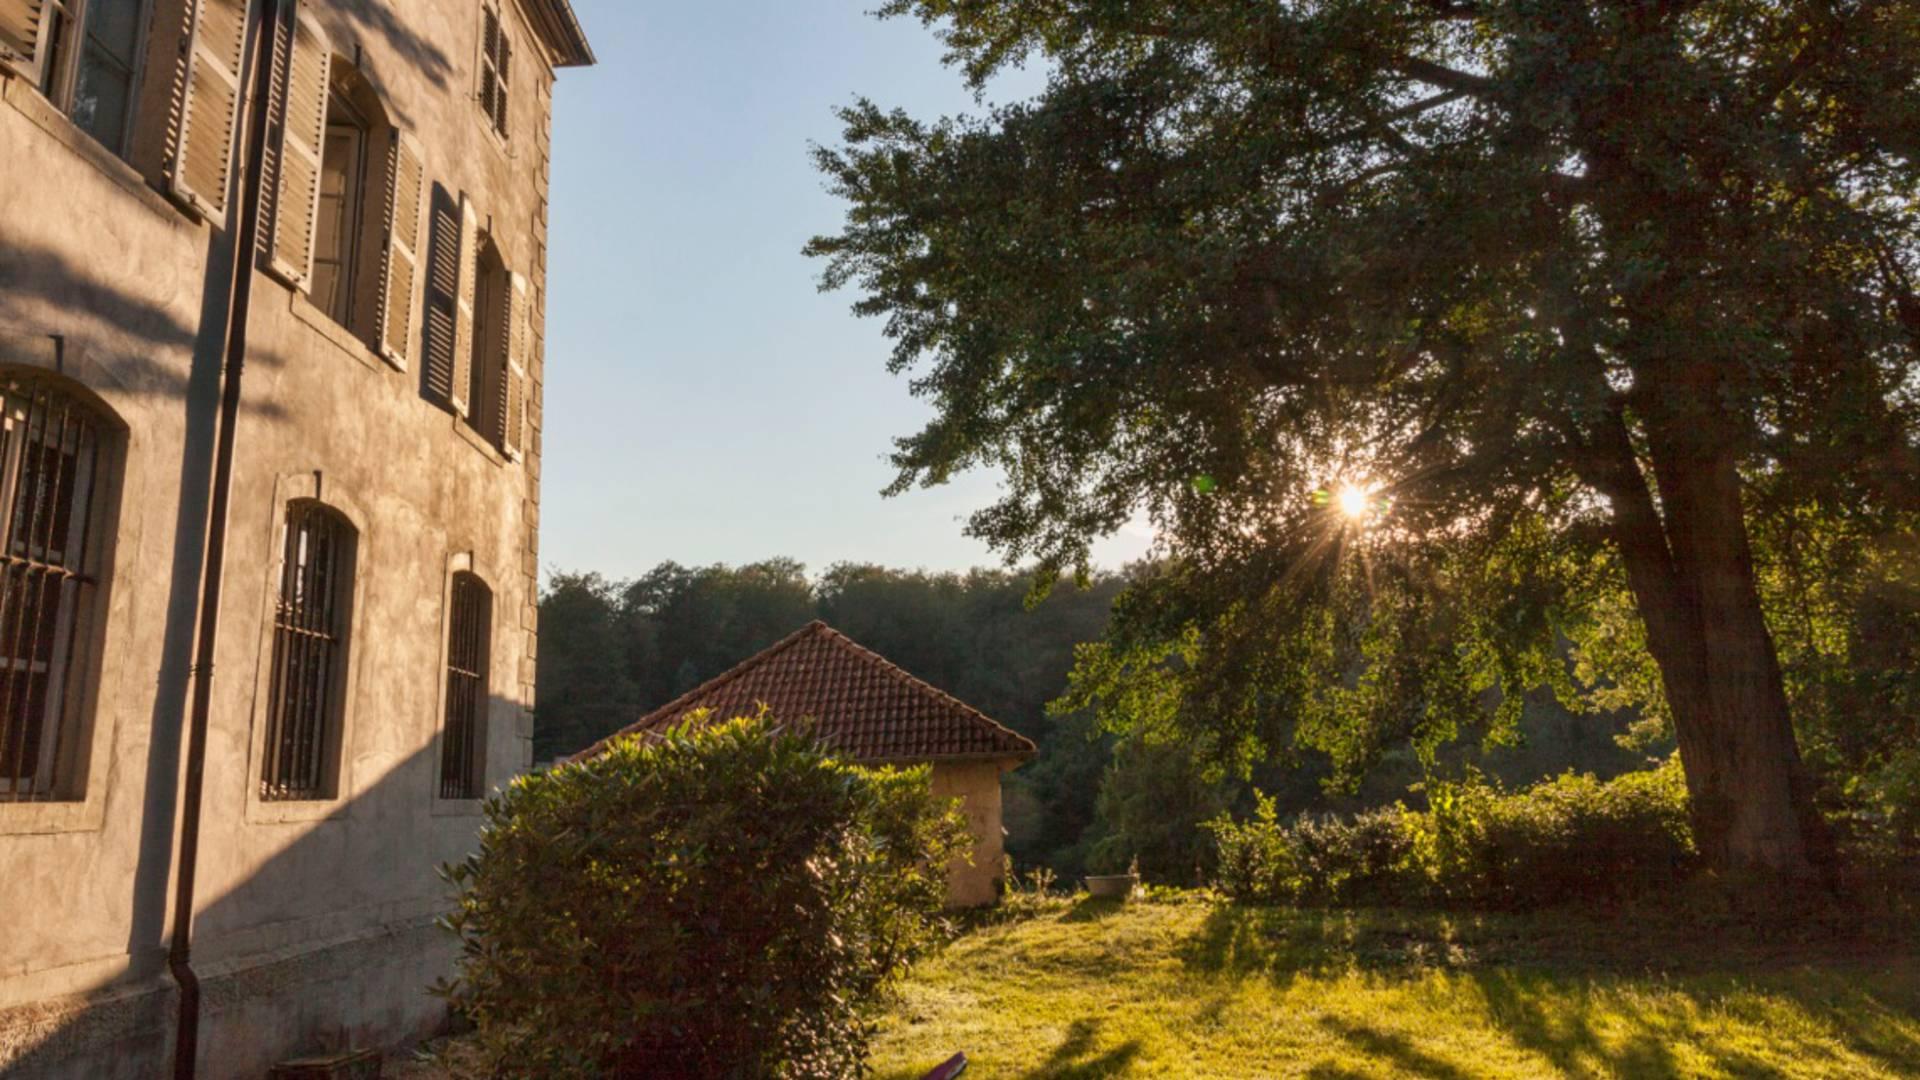 Manufacture Royale de Bains les Bains - Patrimoine Bains les Bains - Visite guidée - Cure thermale - Hébergement thermal